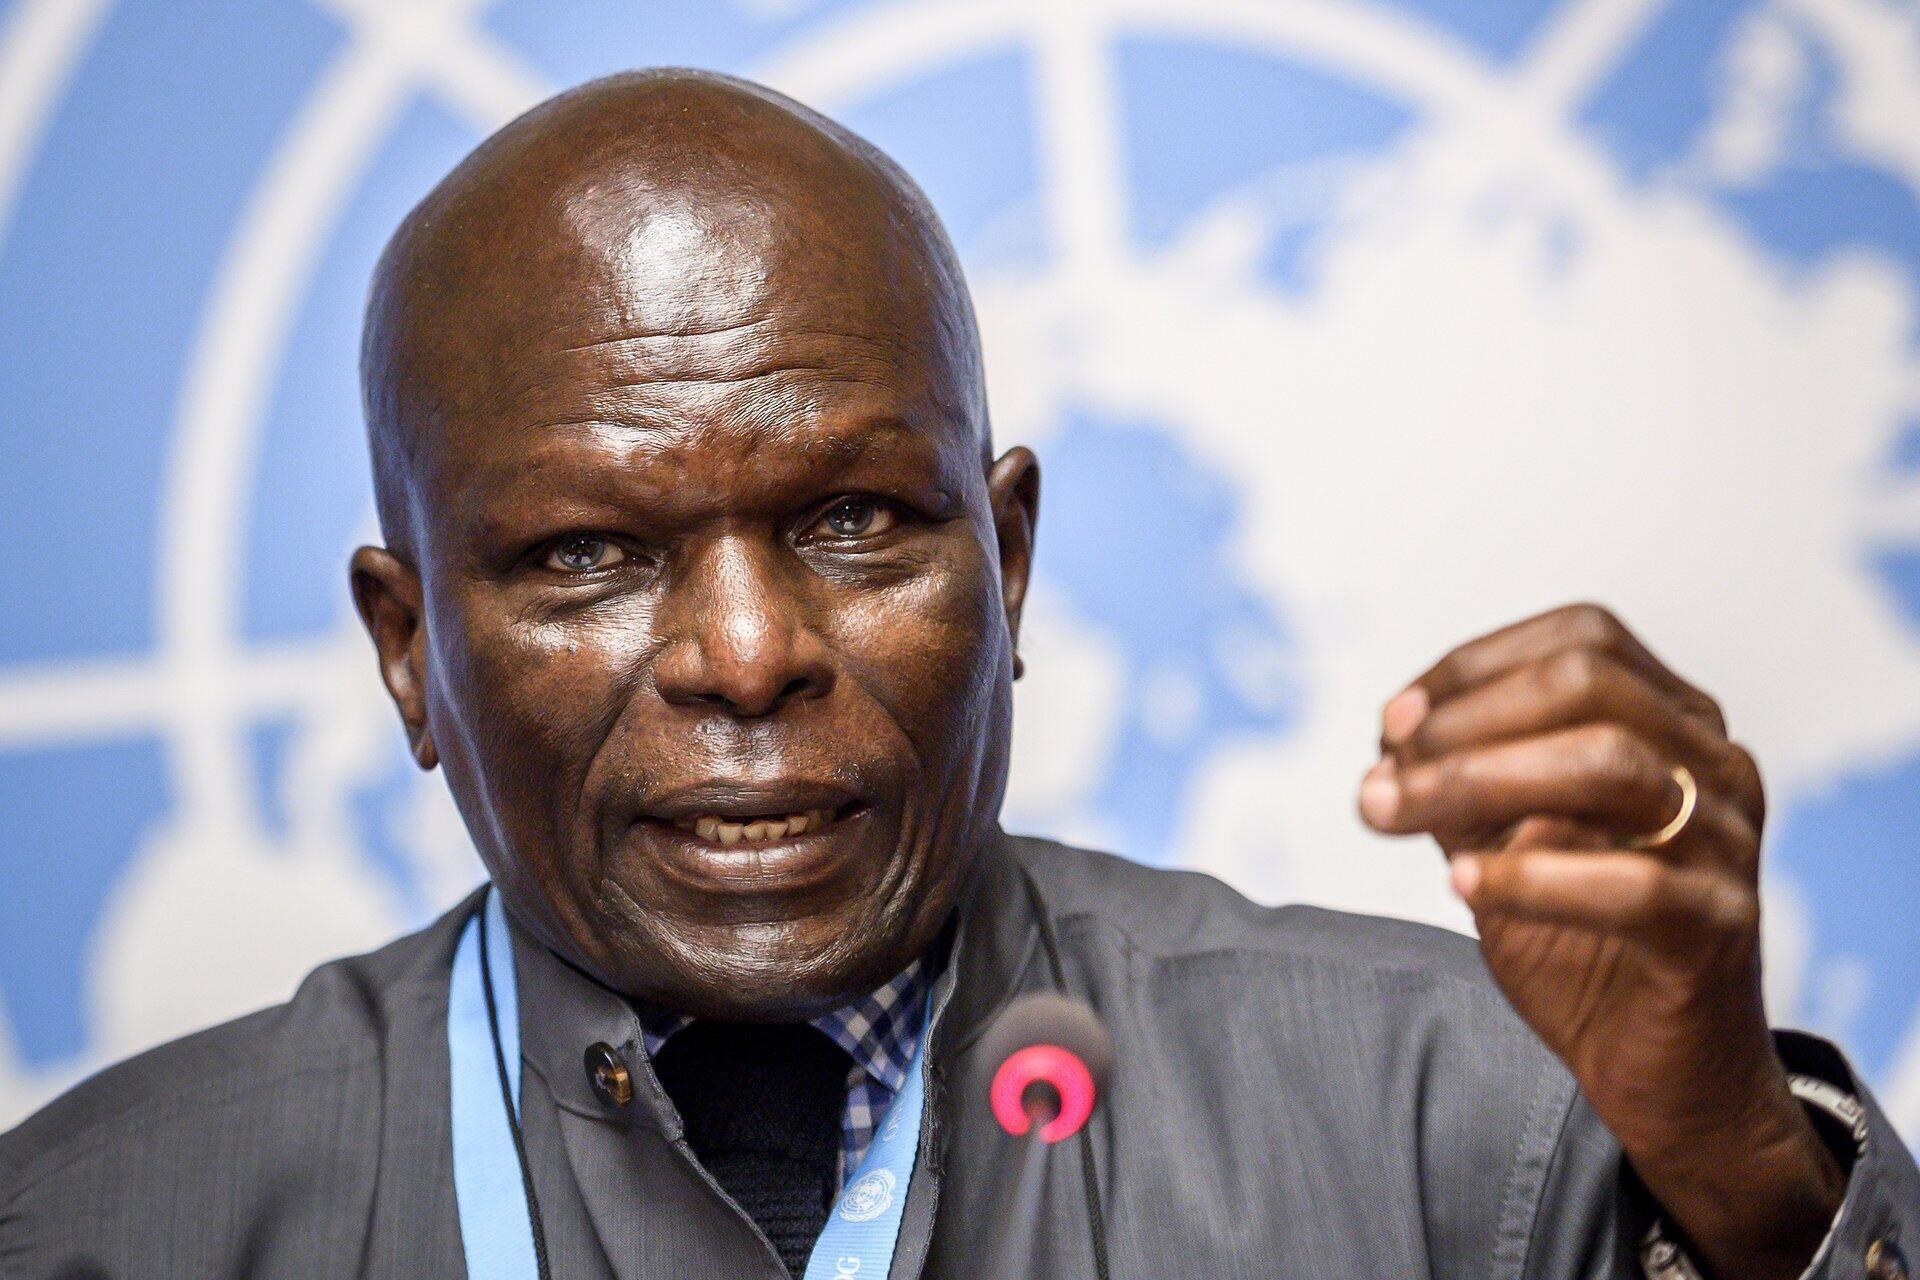 Doudou Diène, le président de la Commission d'enquête des Nations Unies sur le Burundi, appelle à la «vigilance» face au violations des droits de l'homme dans le pays.